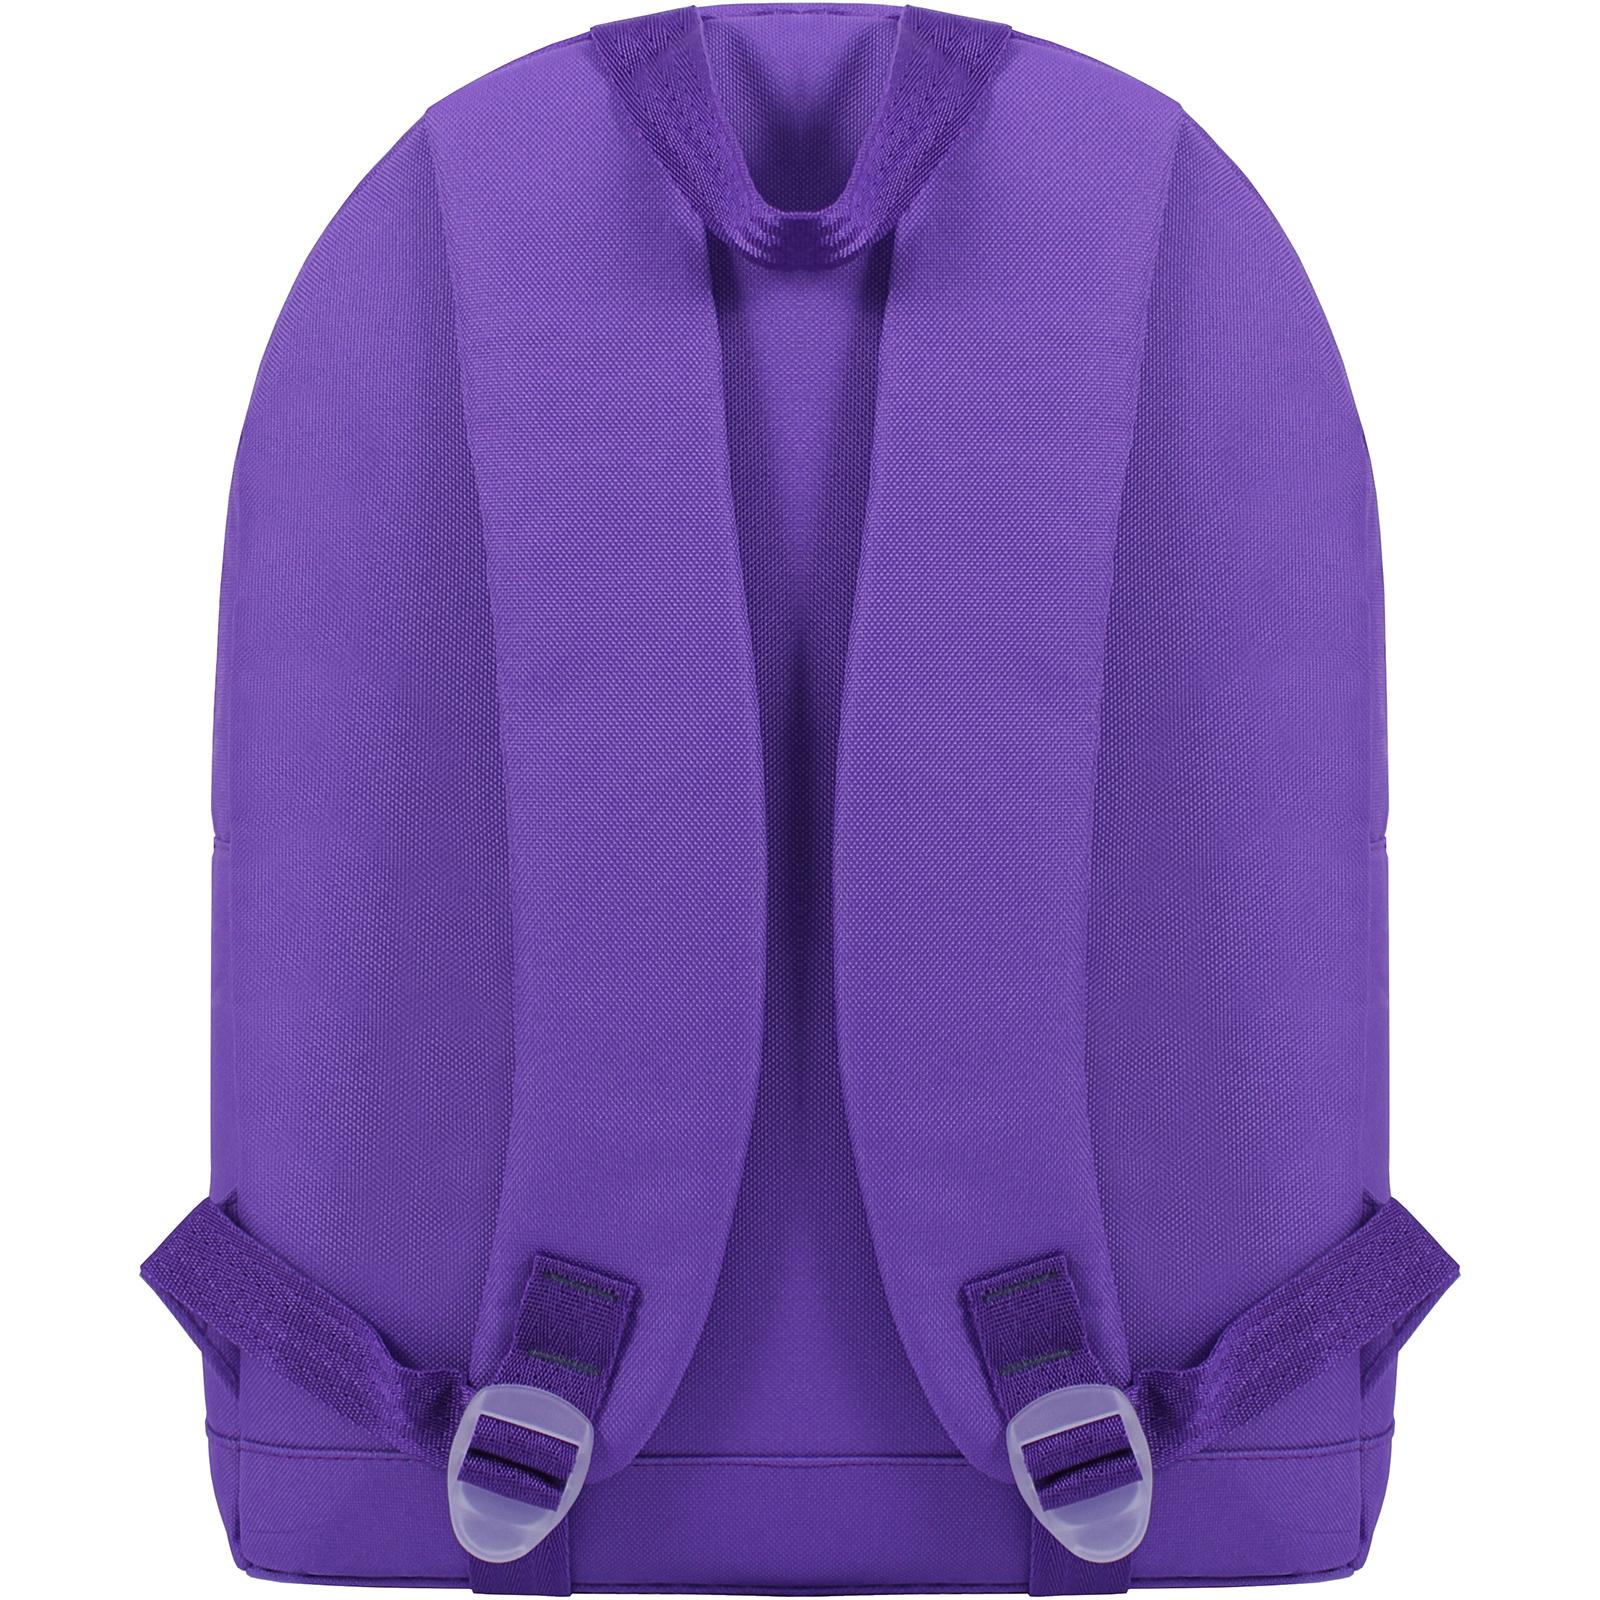 Рюкзак Bagland Молодежный W/R 17 л. фиолетовый 170 (00533662) фот 3